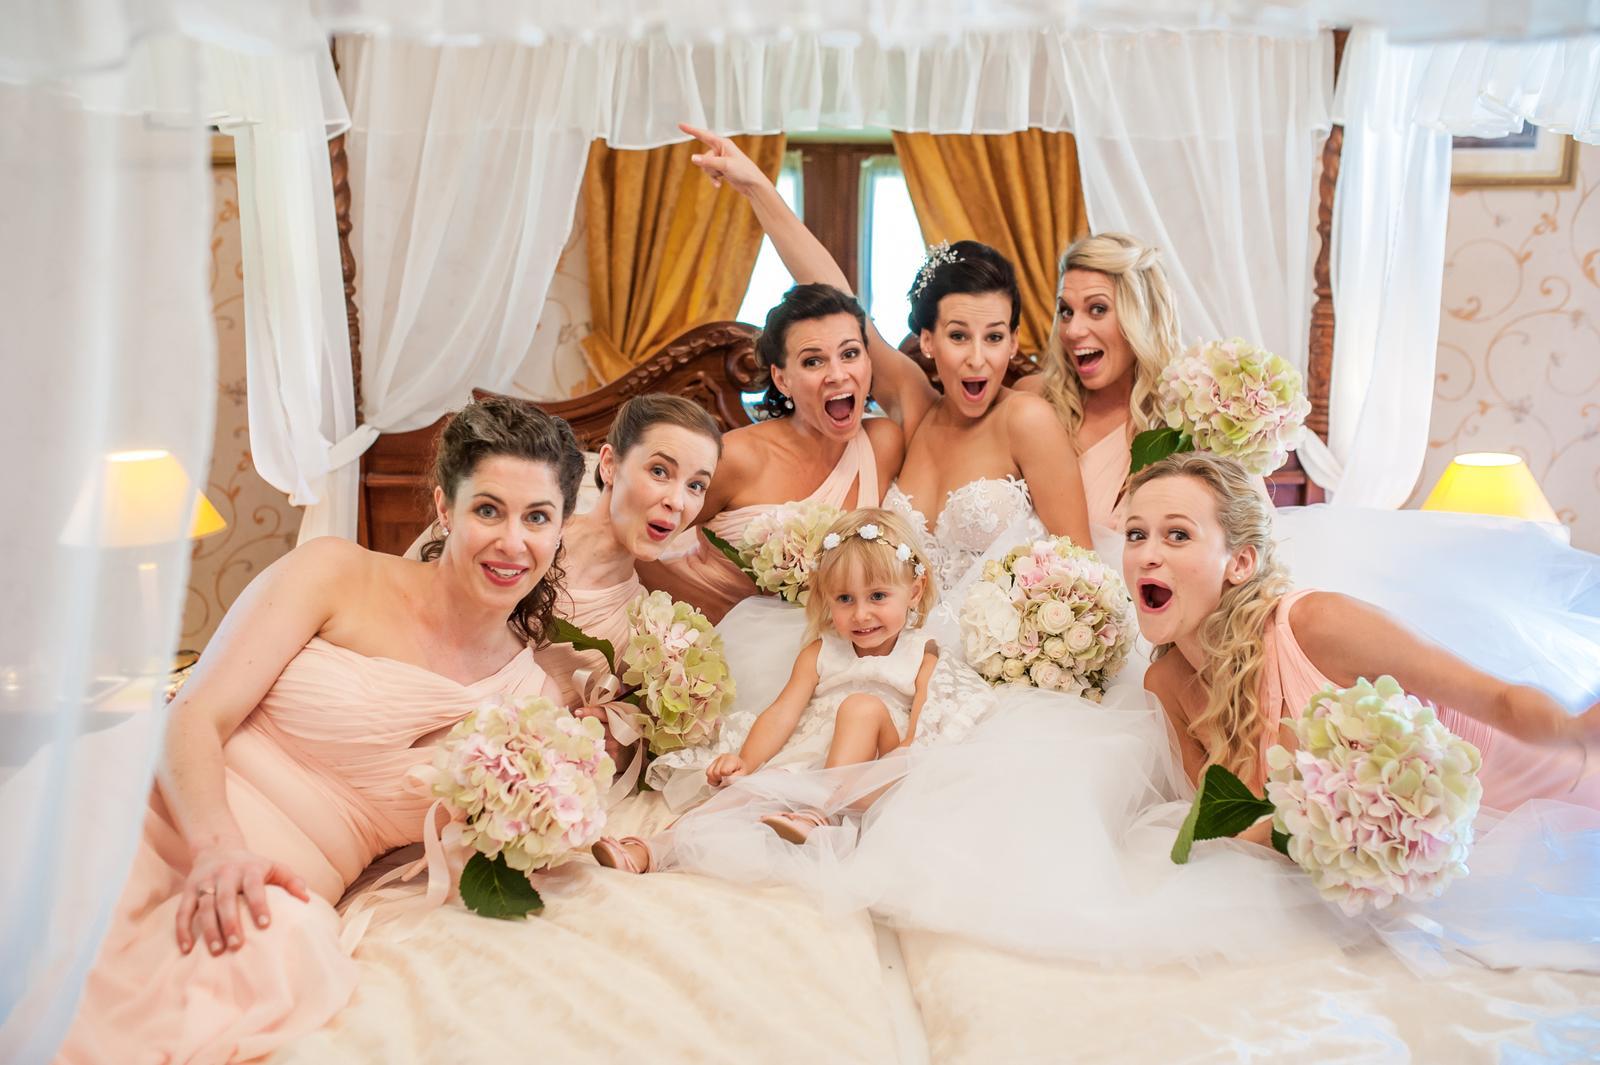 Wedding ♥ - Obrázek č. 28